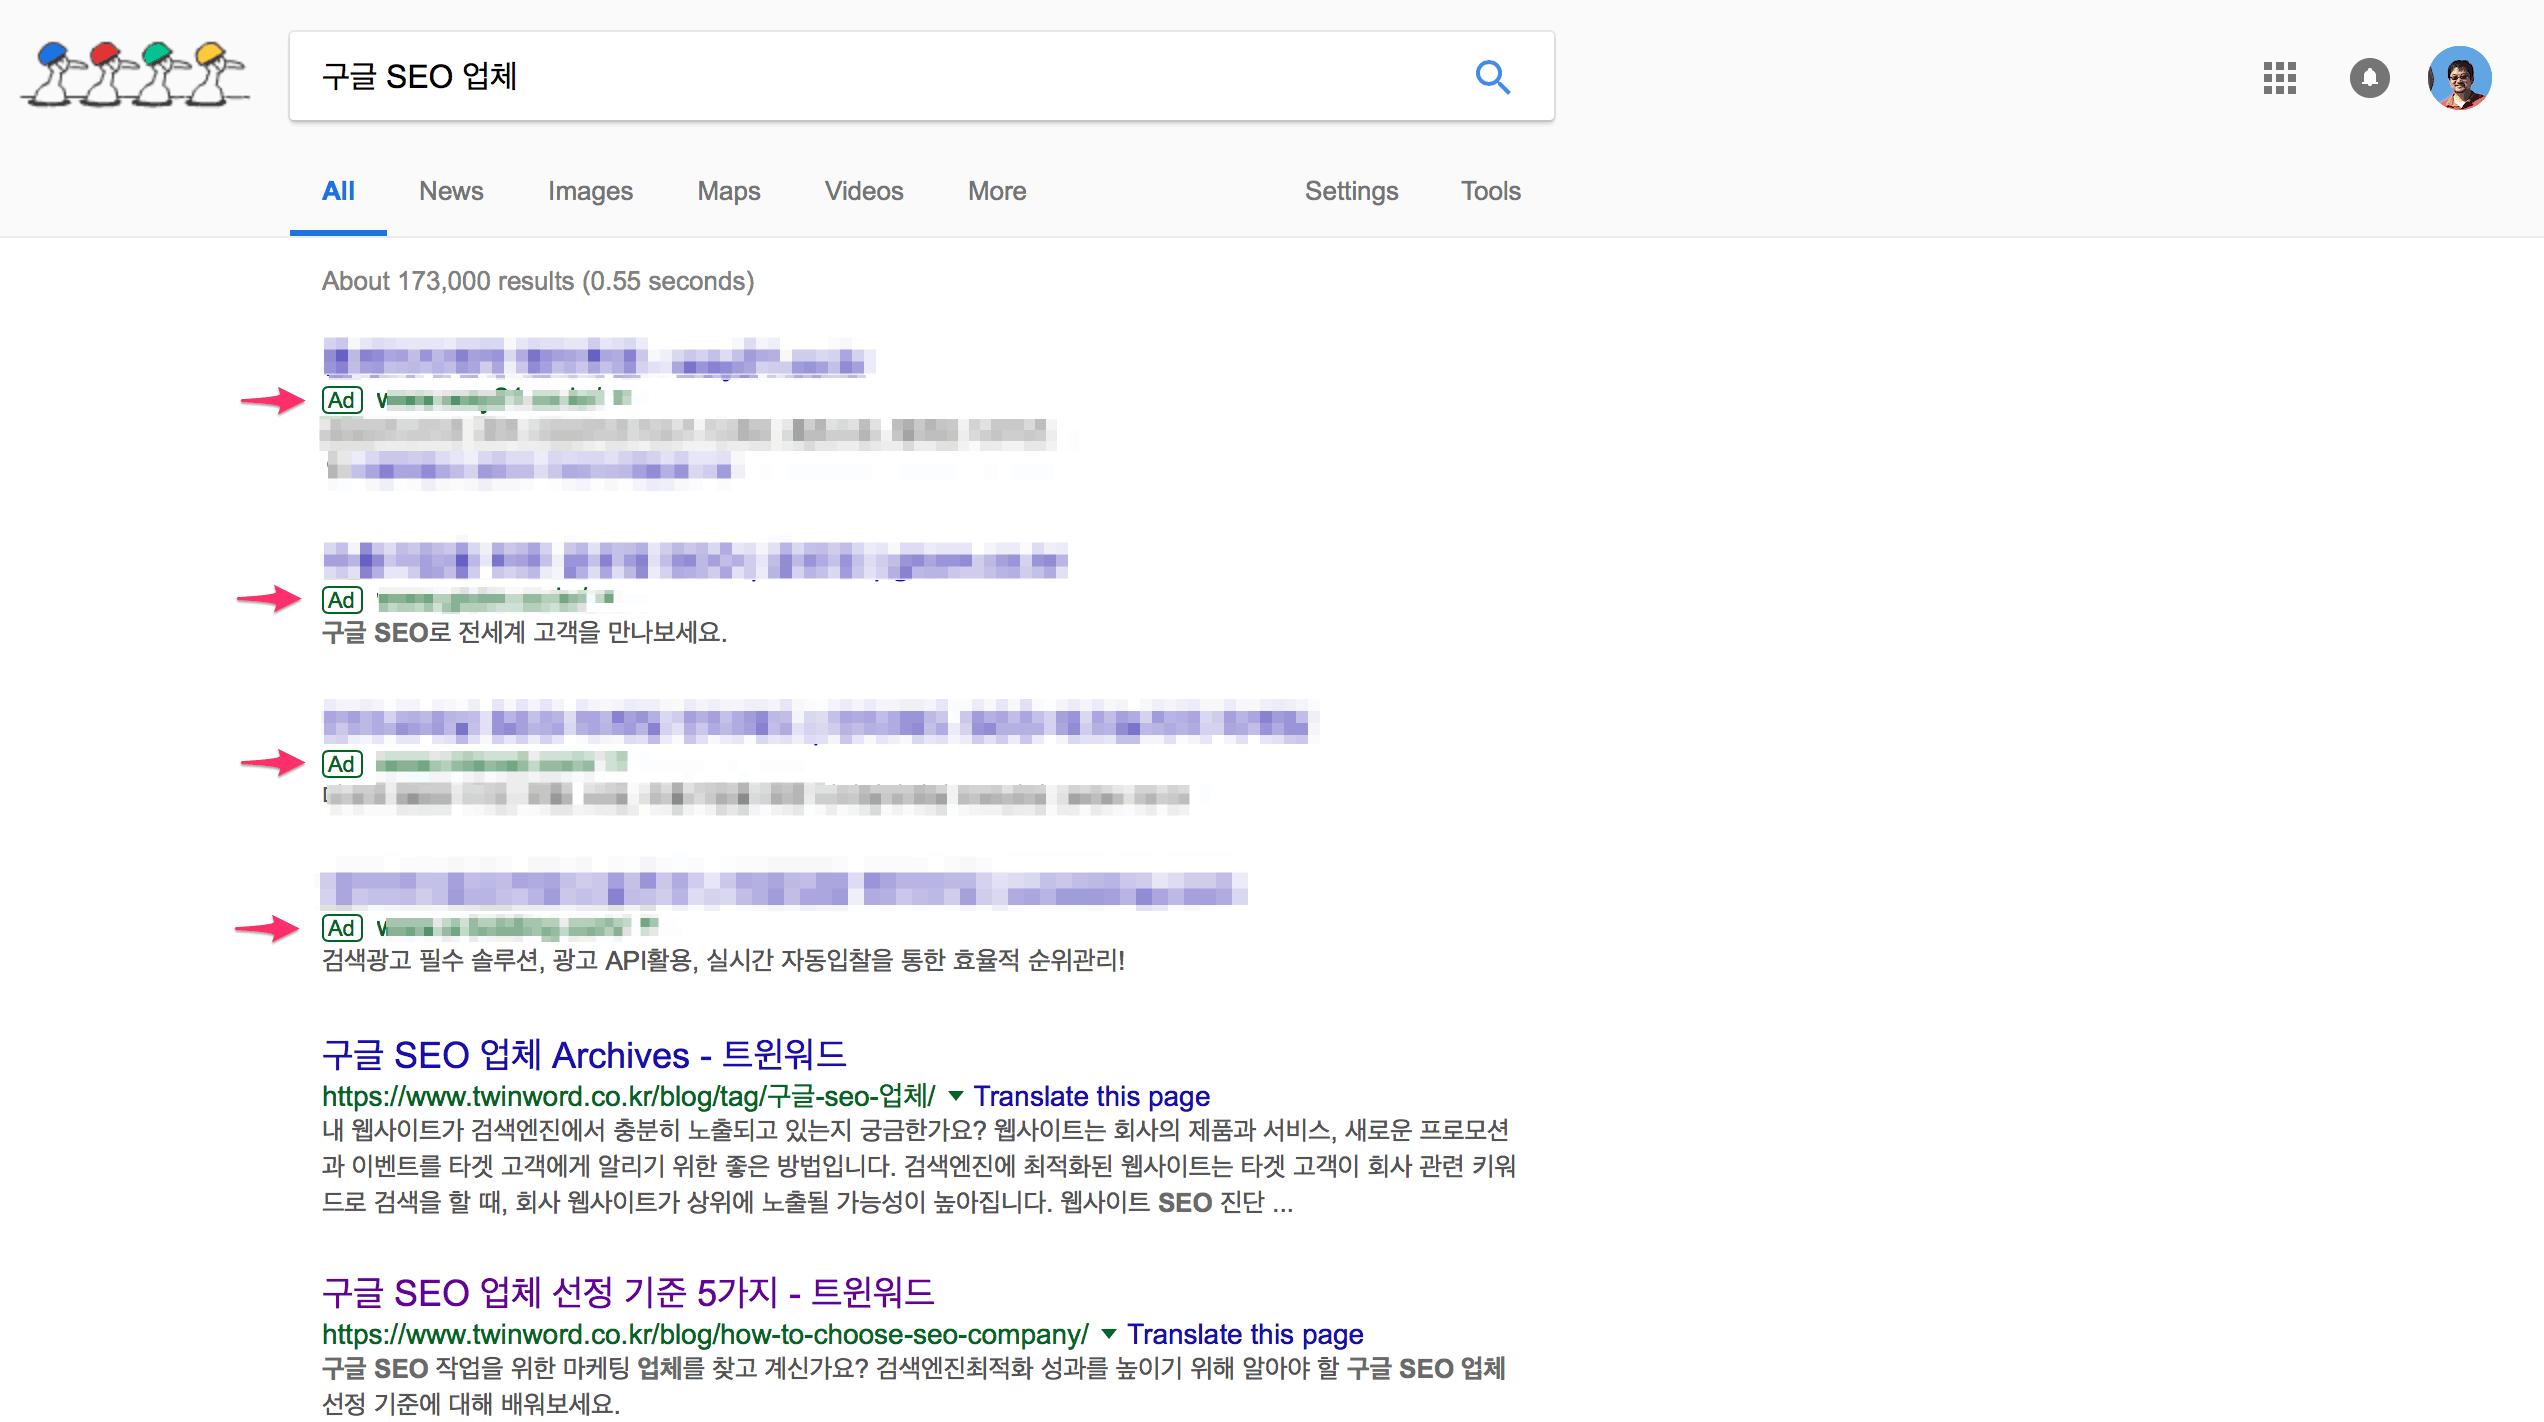 구글 SEO 업체 검색 결과